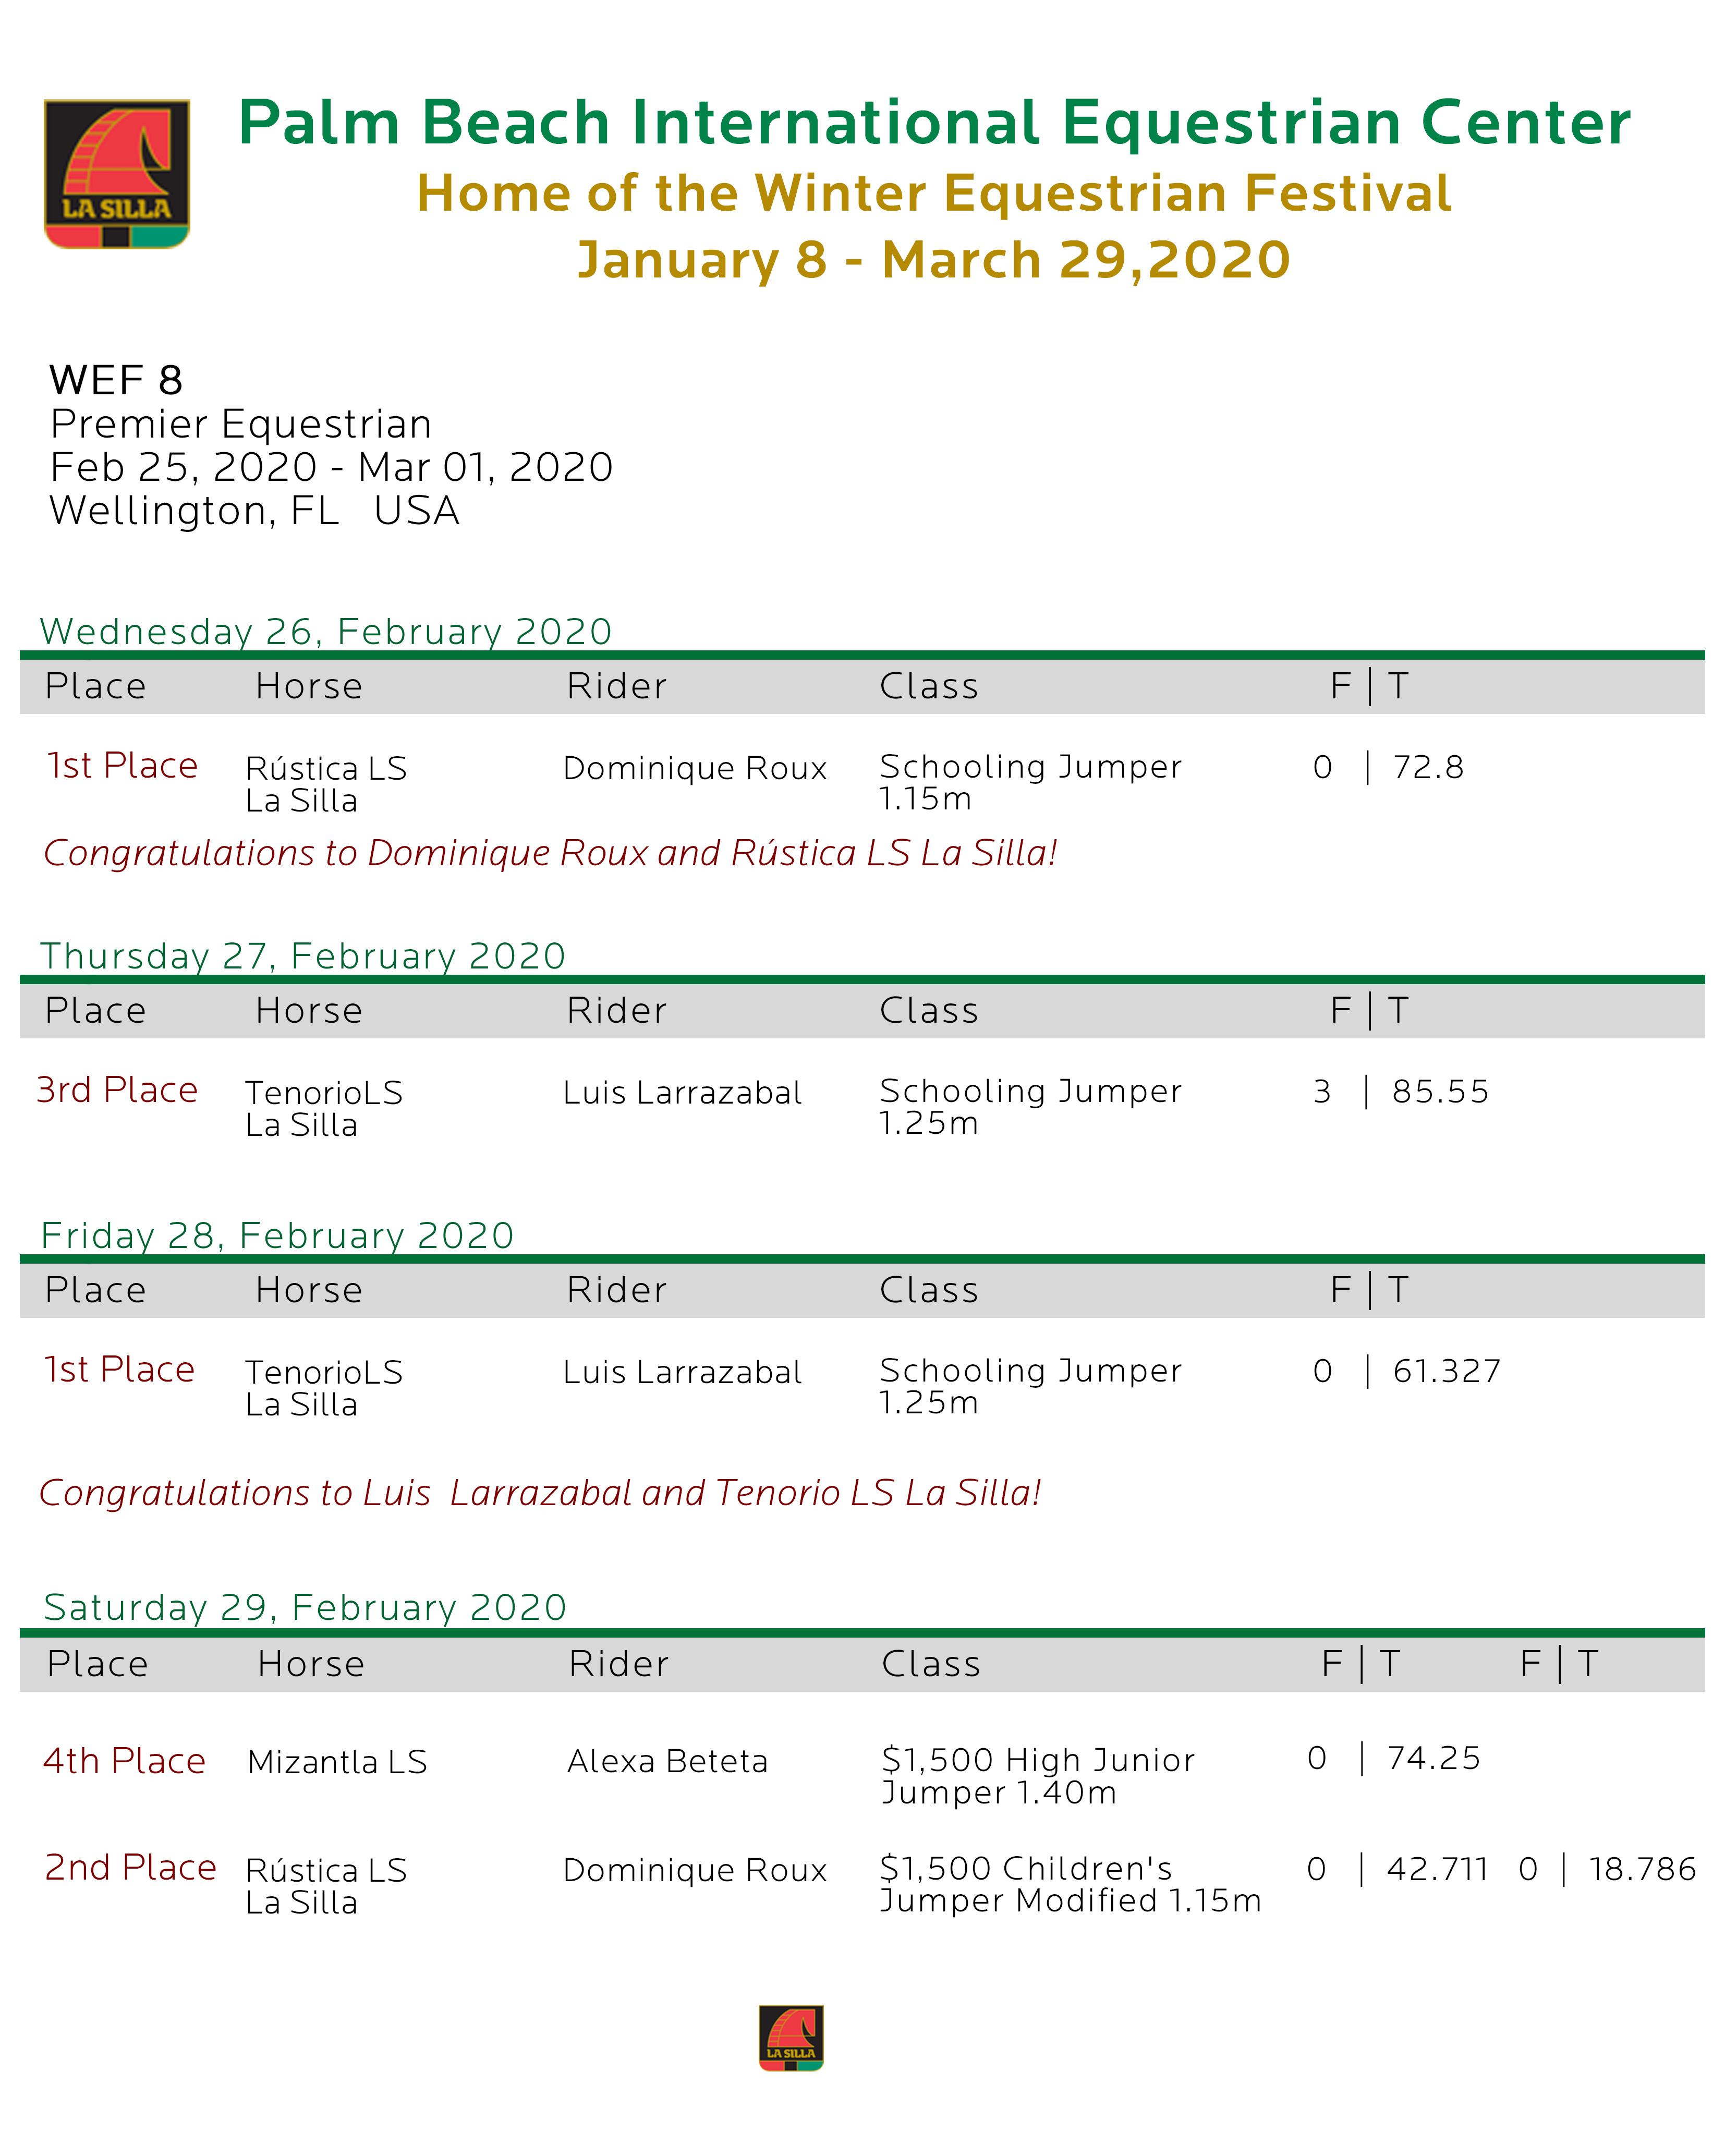 WEF-8-Premier-Equestrian-Feb-25---Mar-01_2020